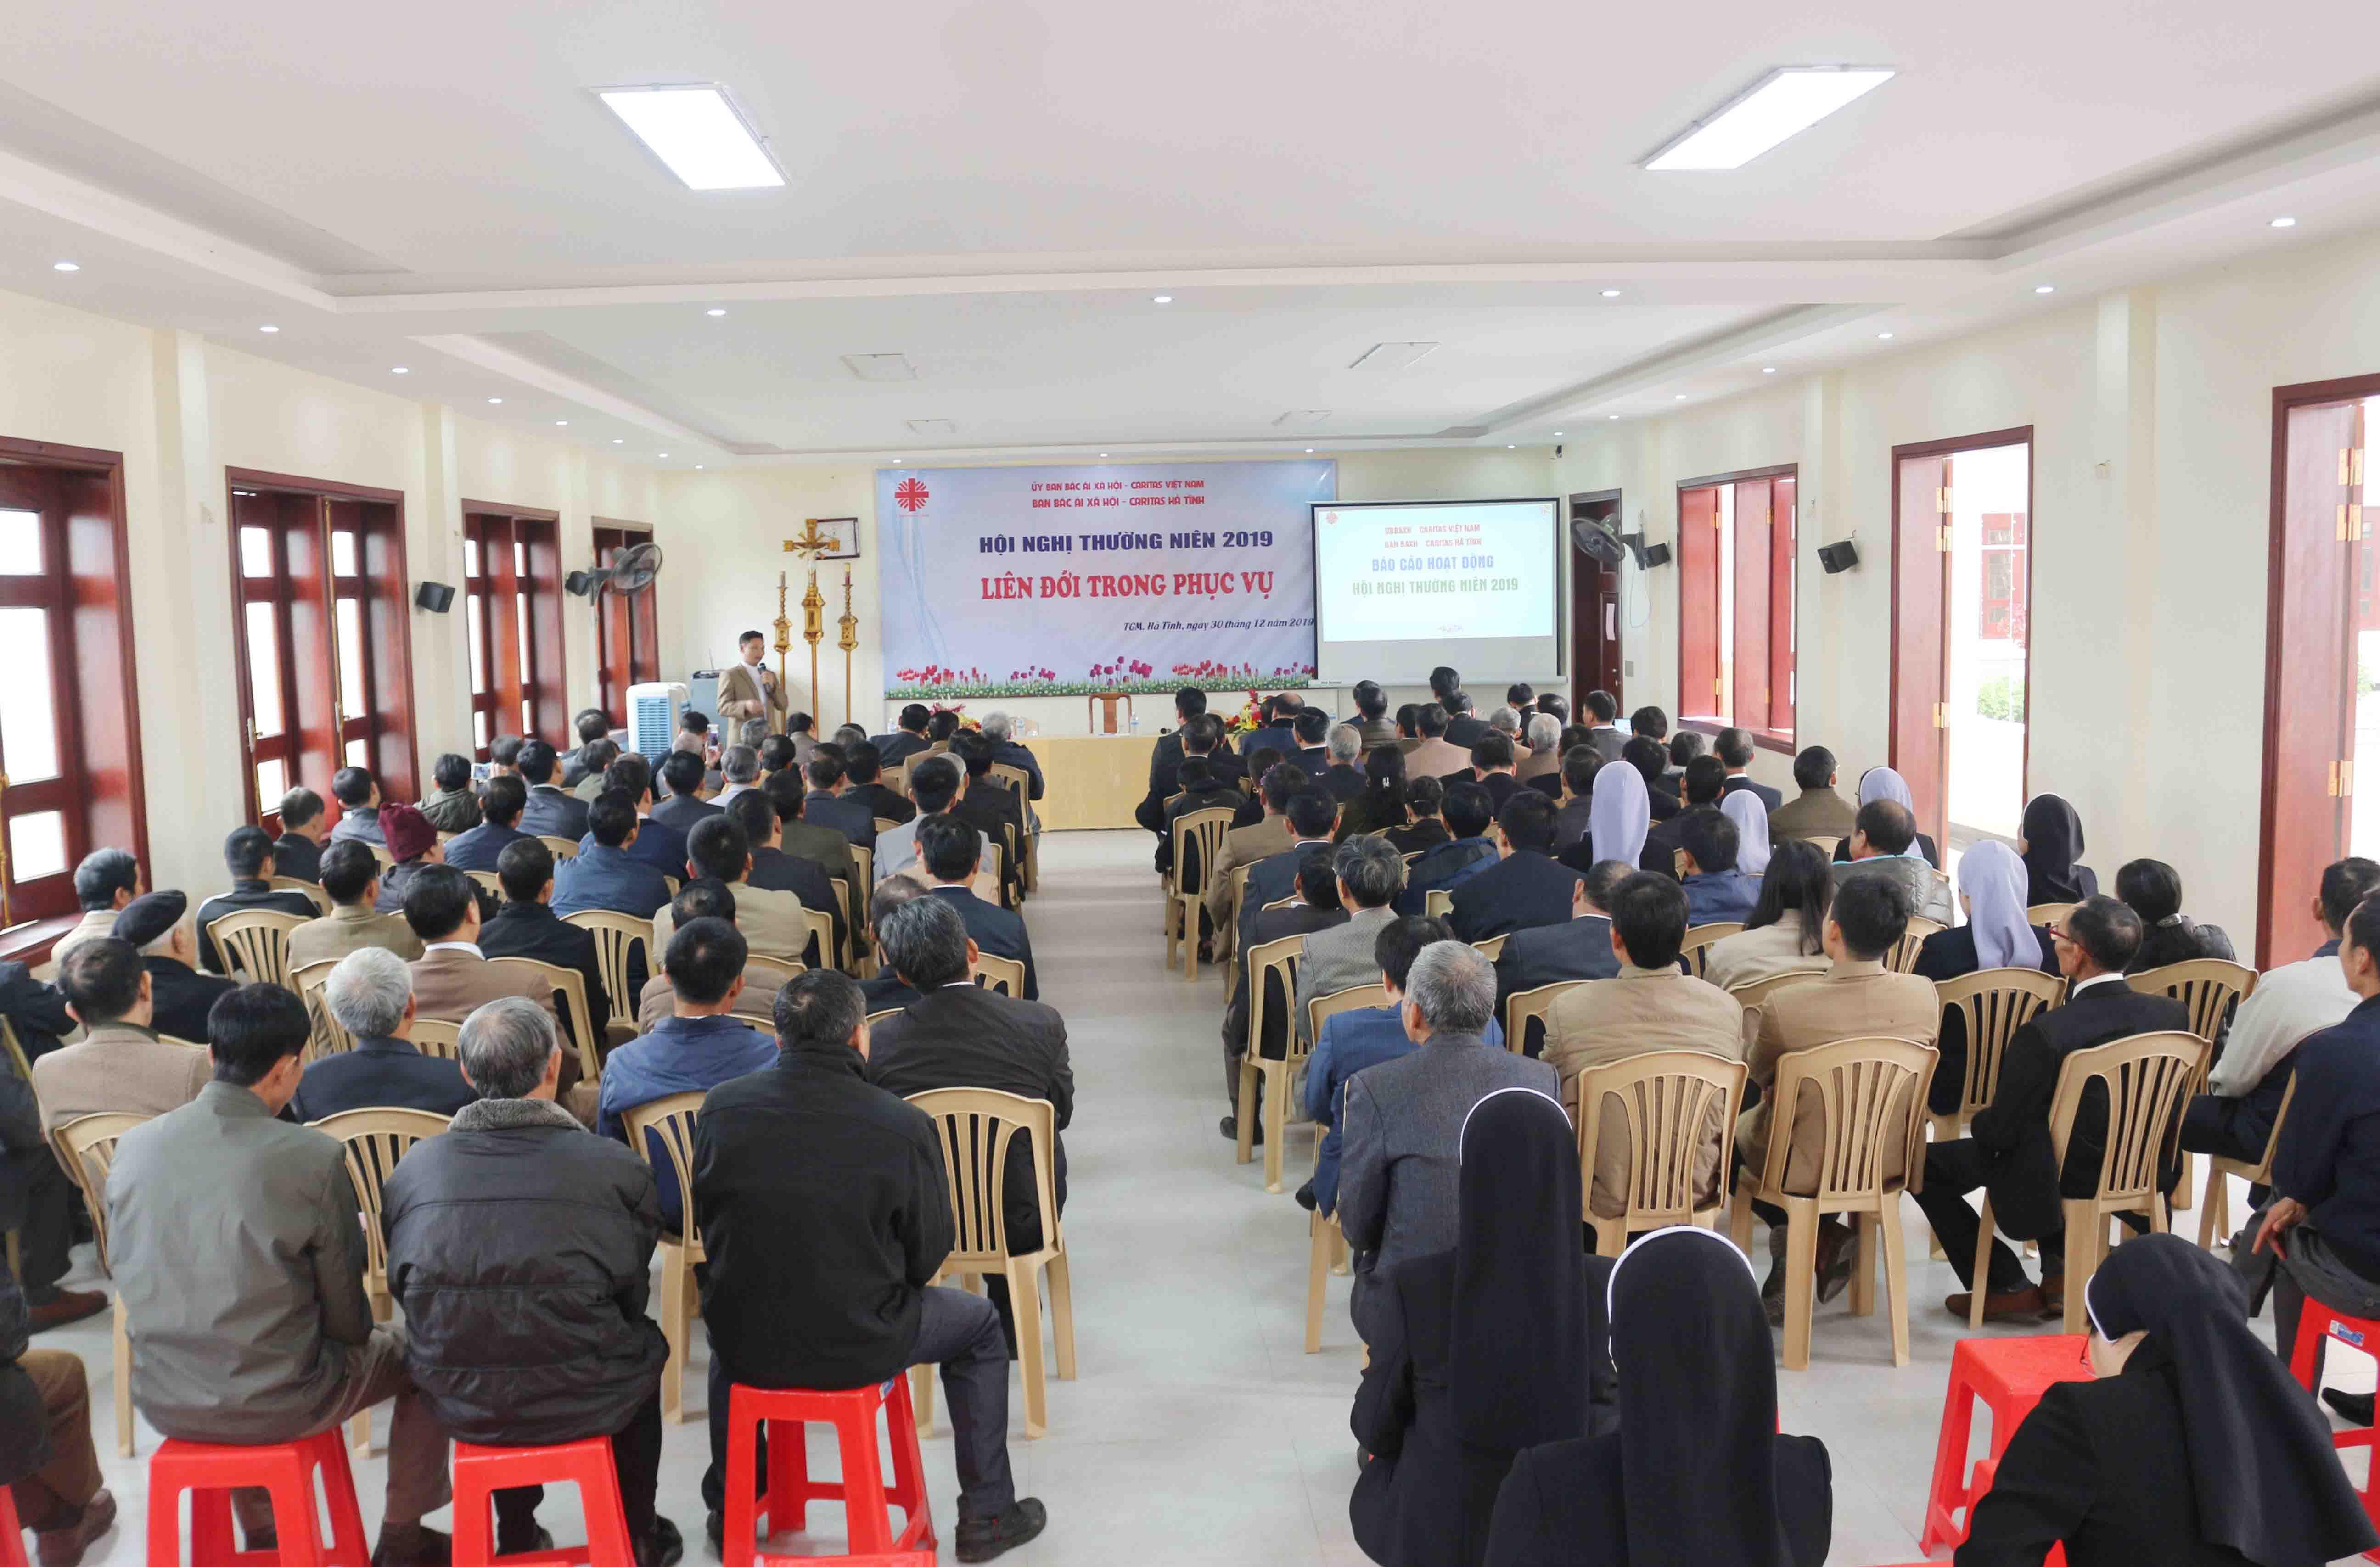 Caritas Hà Tĩnh: Hội Nghị Thường Niên 2019